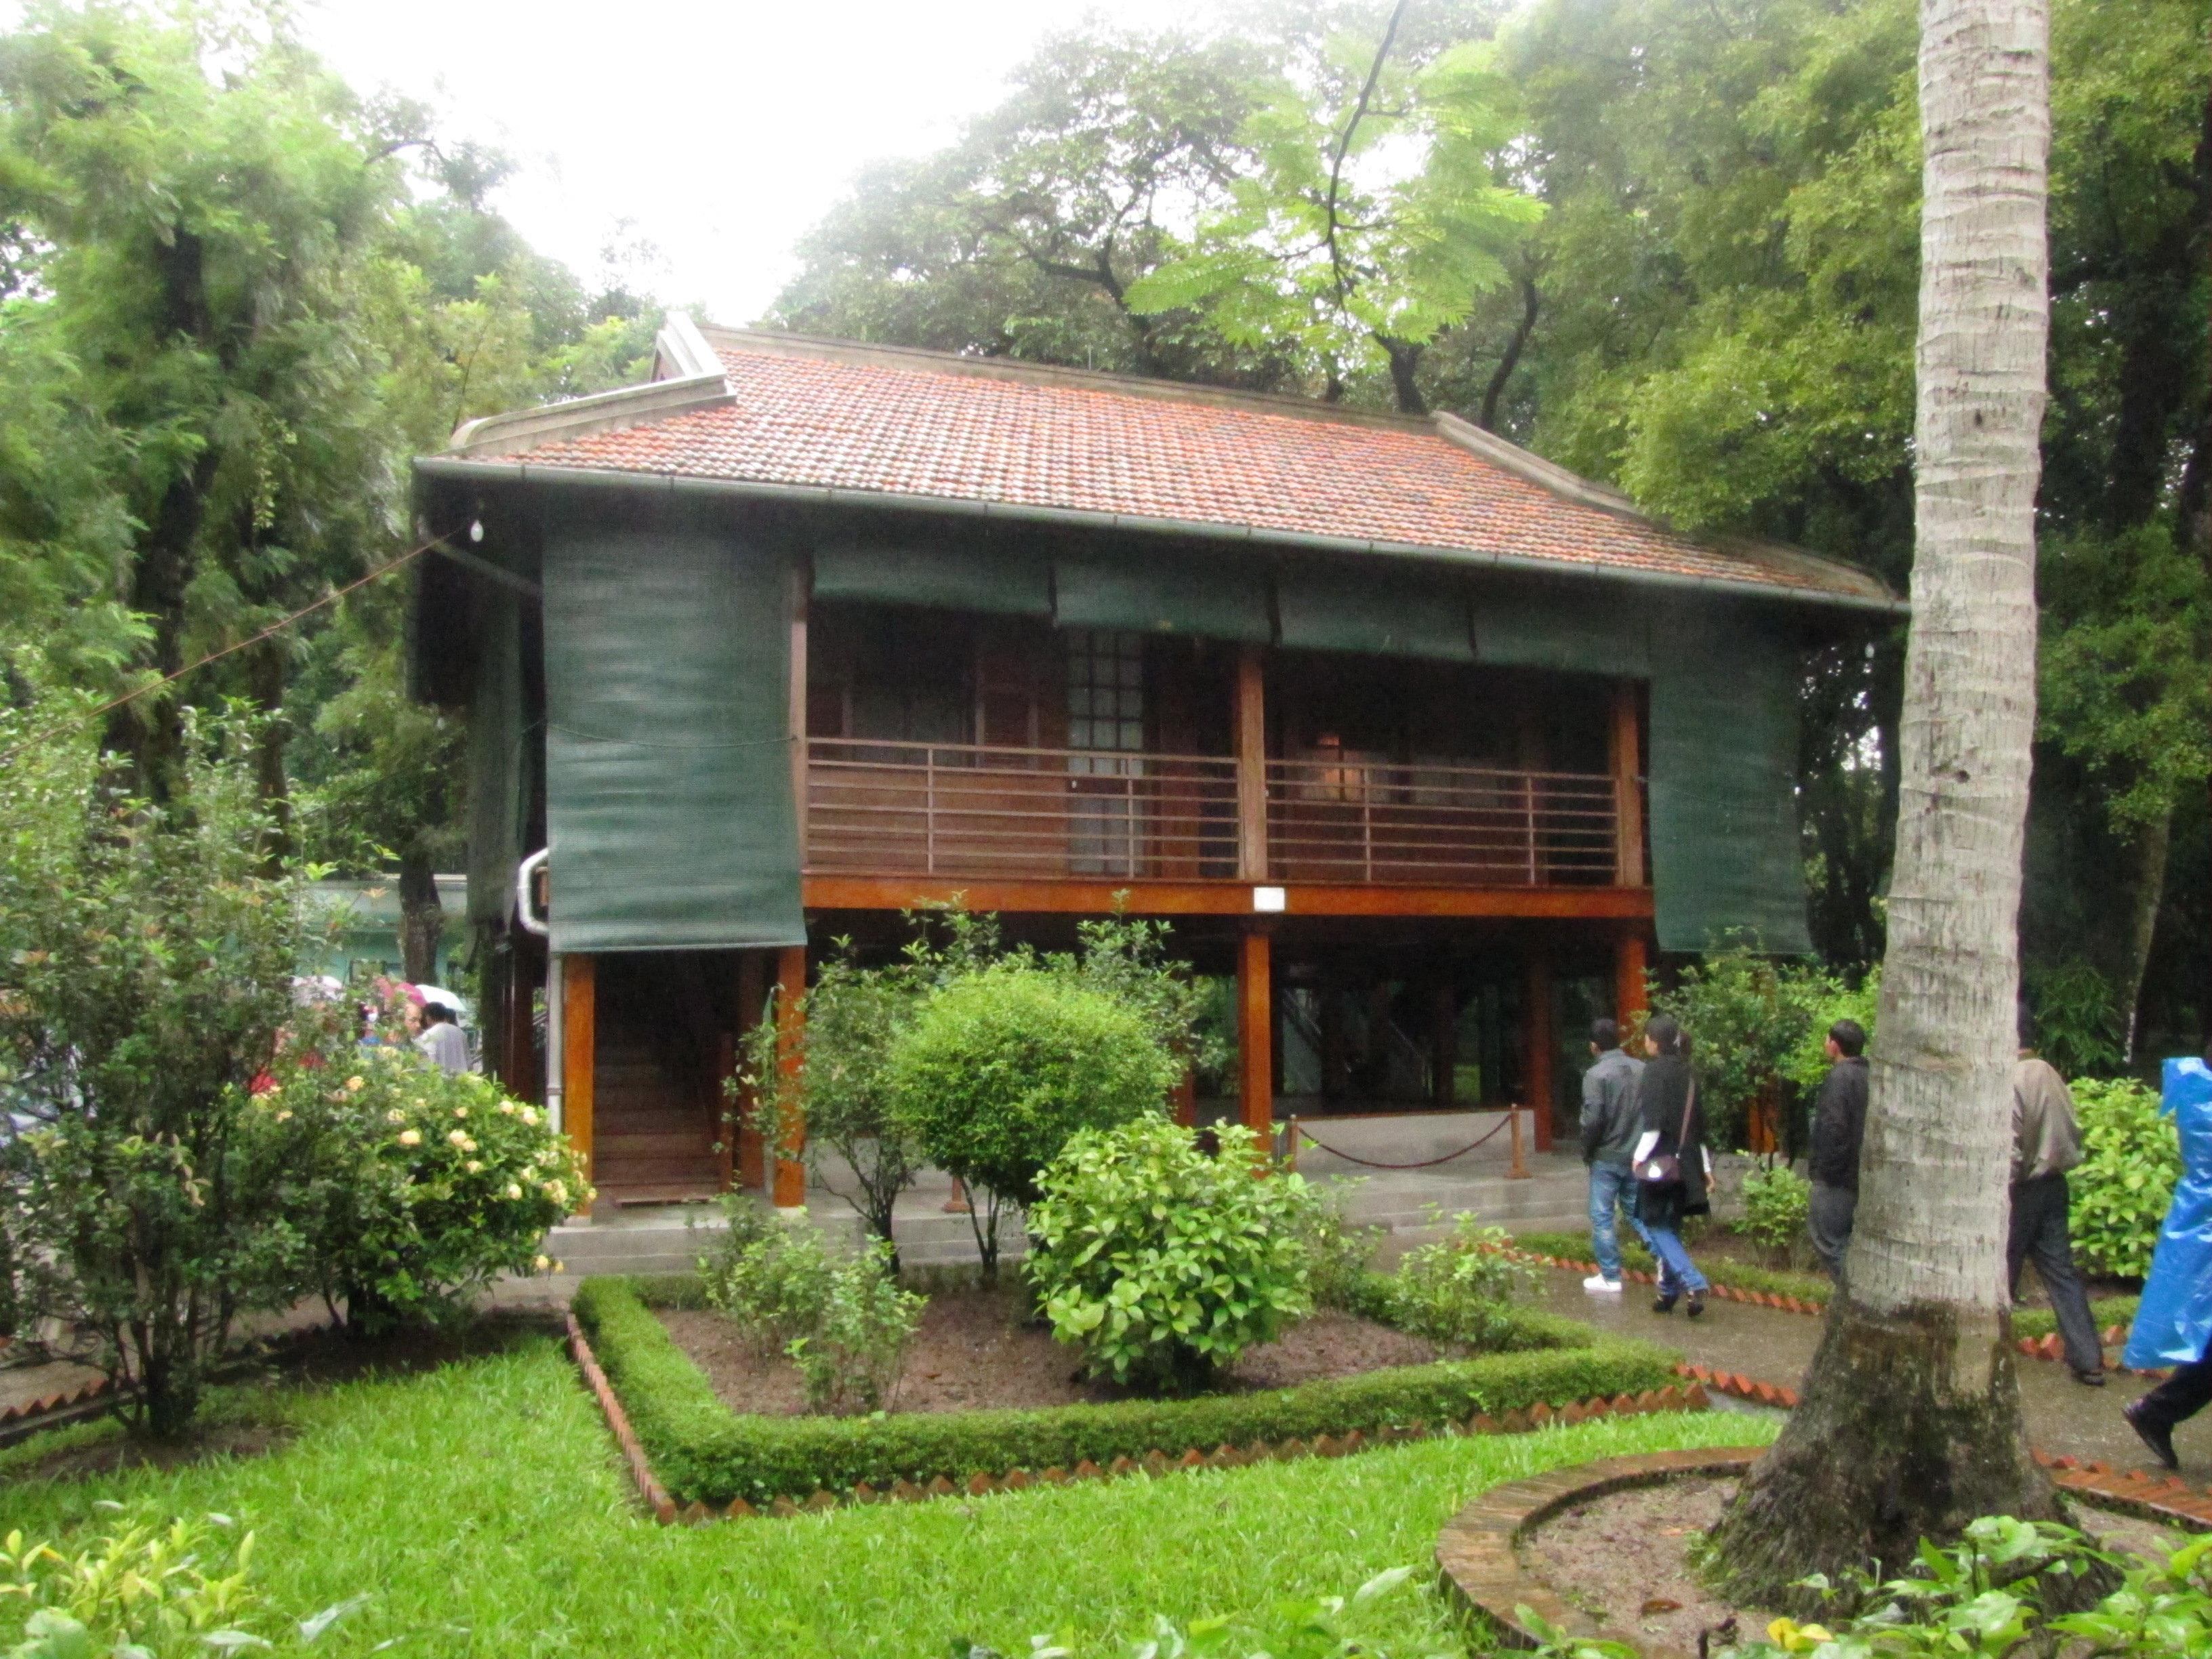 La Casa Zancuda donde vivió Ho Chi Minh, construída en los jardines traseros del Palacio Presidencial de Hanoi